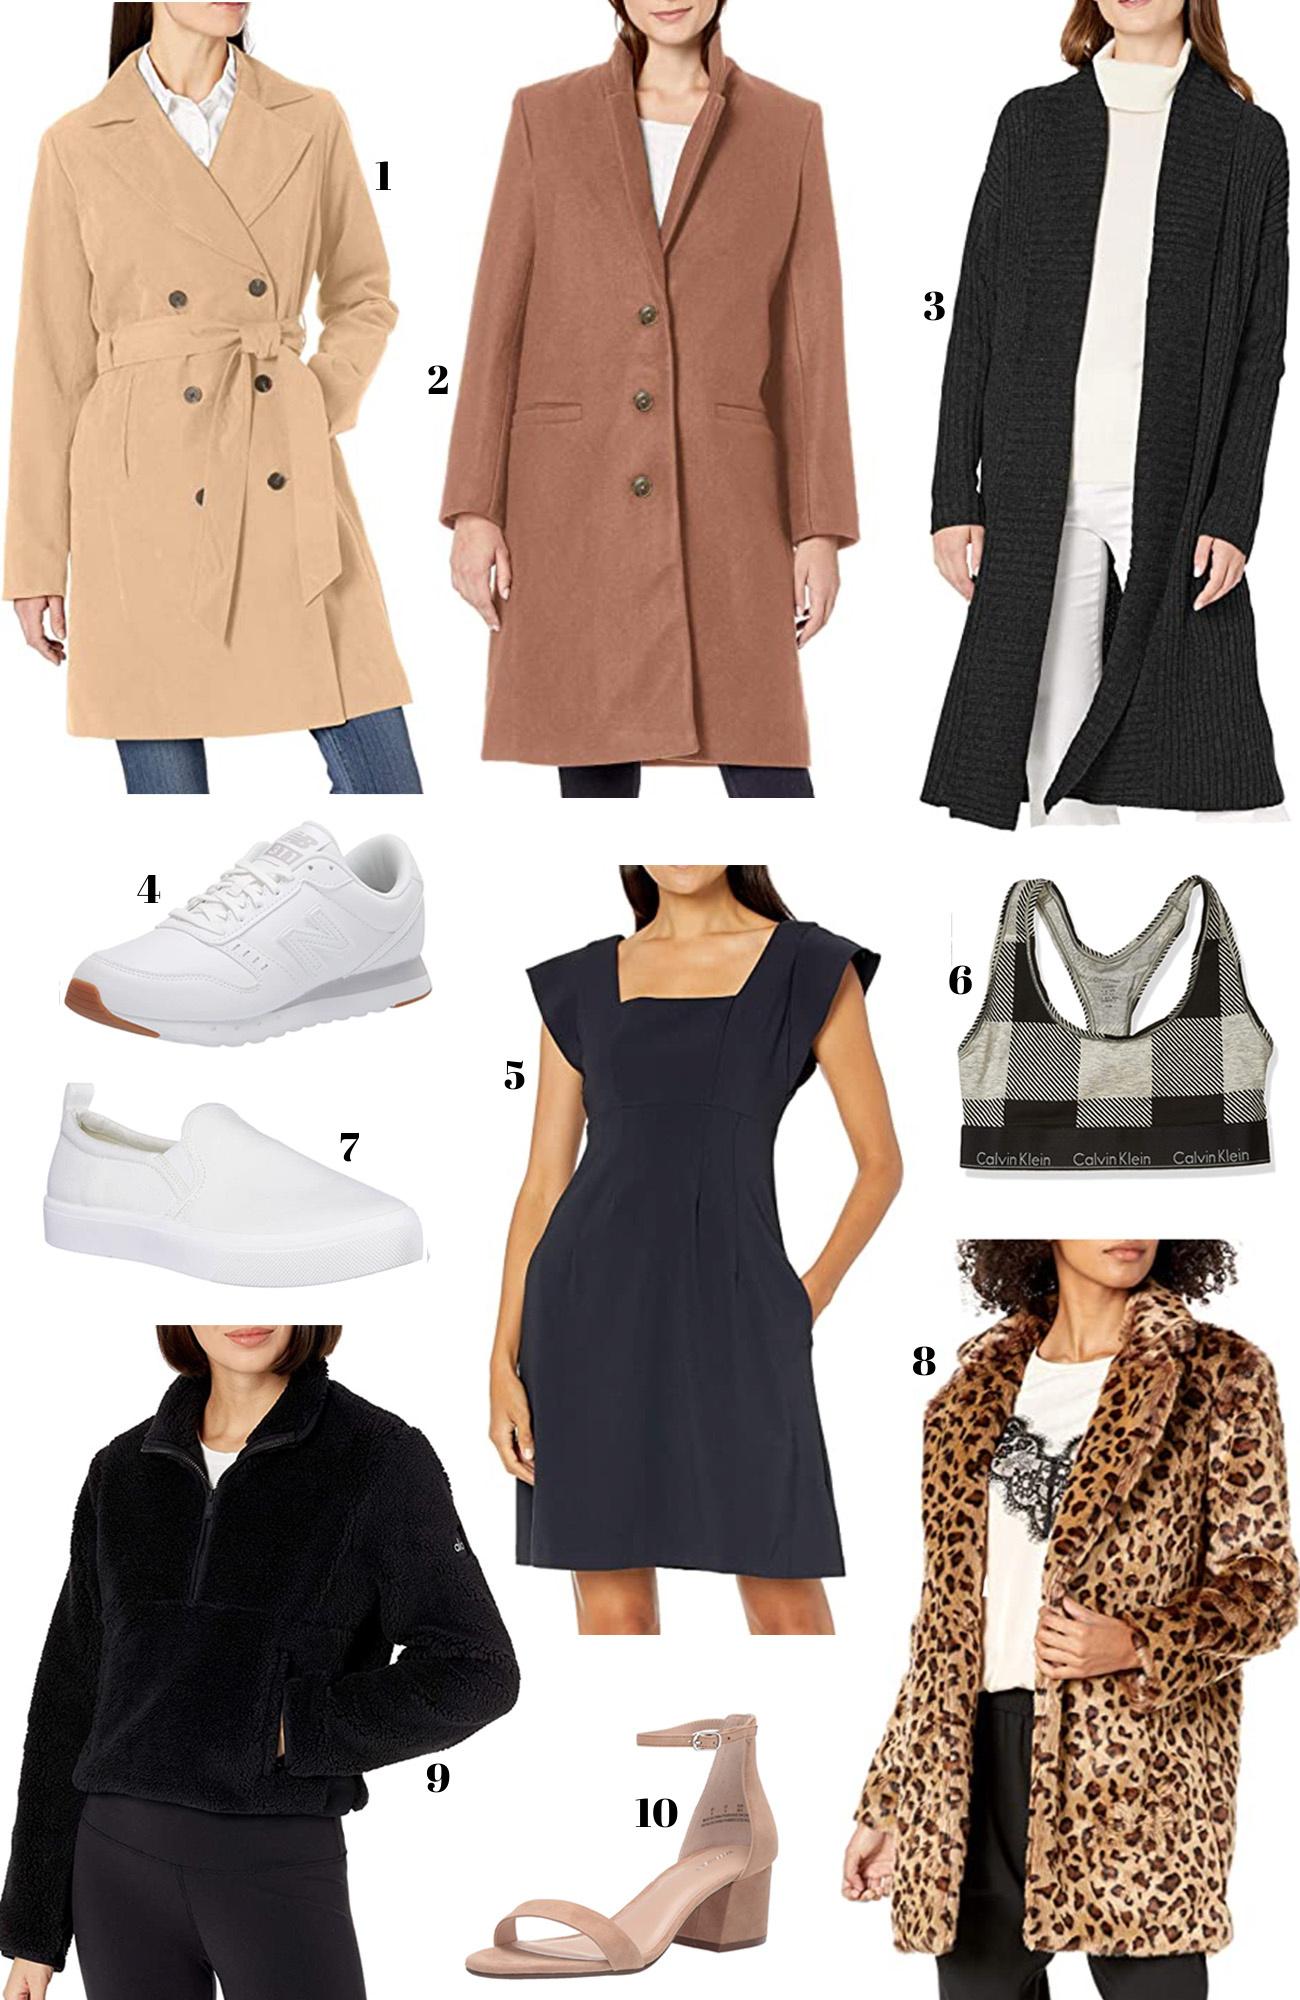 Amazon Prime day deals | Amazon deals | best deals on Amazon | jackets | fitness apparel | masks |fashion | womens fashion on amazon | affordable coats | womens sneakers | womens fitness | beauty and fashion blogger Mash Elle